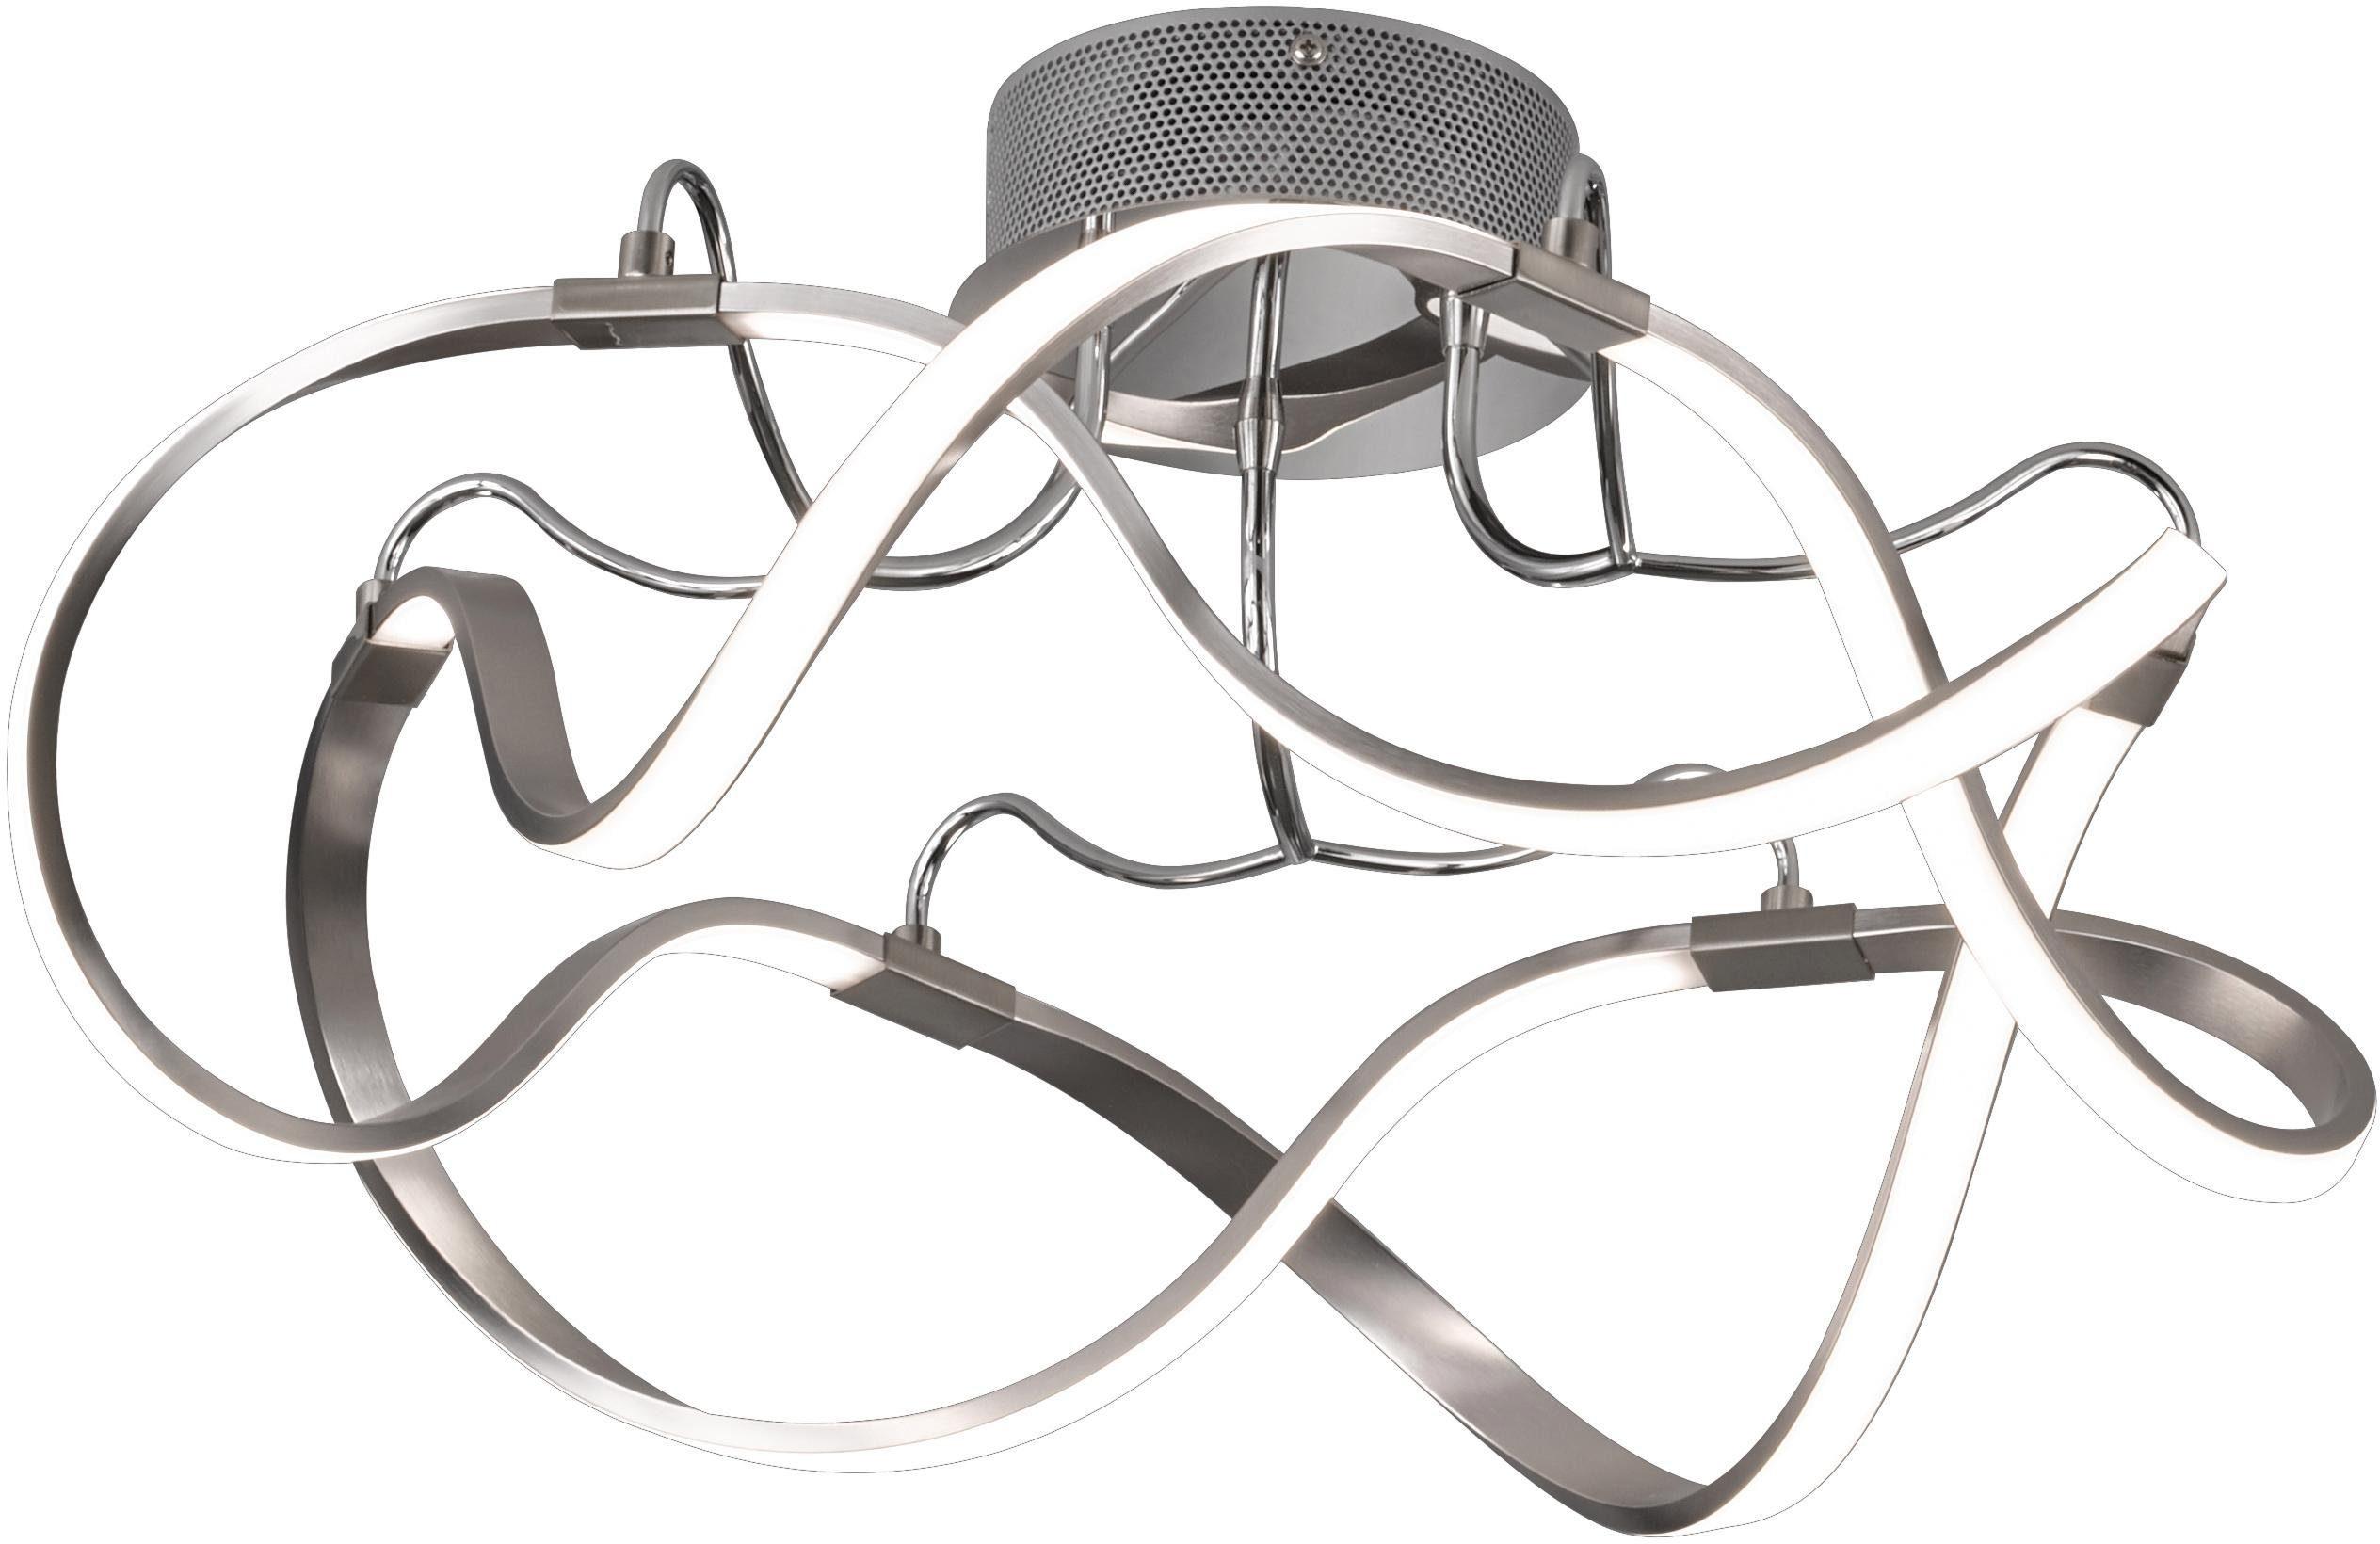 FISCHER & HONSEL LED Deckenleuchte NAXOS, LED-Board, Warmweiß, LED Deckenlampe